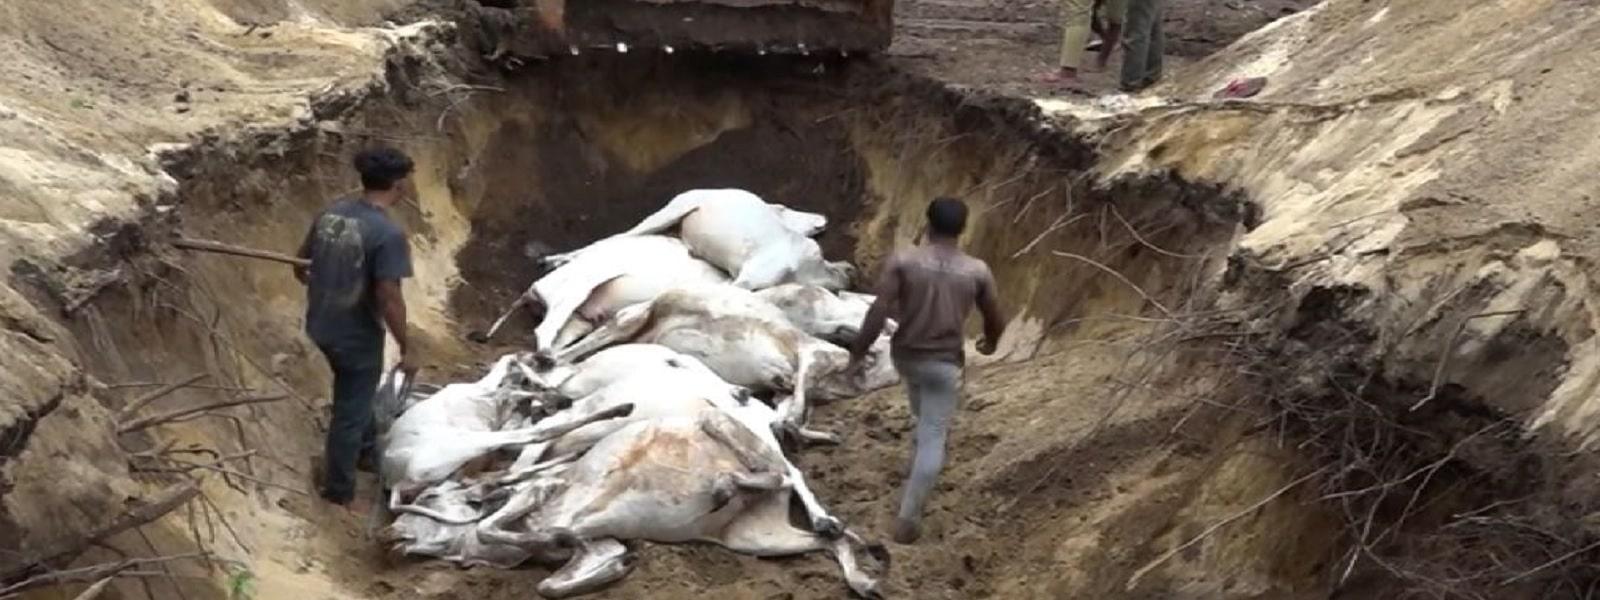 வாகரையில் மின்னல் தாக்கி 27 பசுக்கள் உயிரிழப்பு - Newsfirst